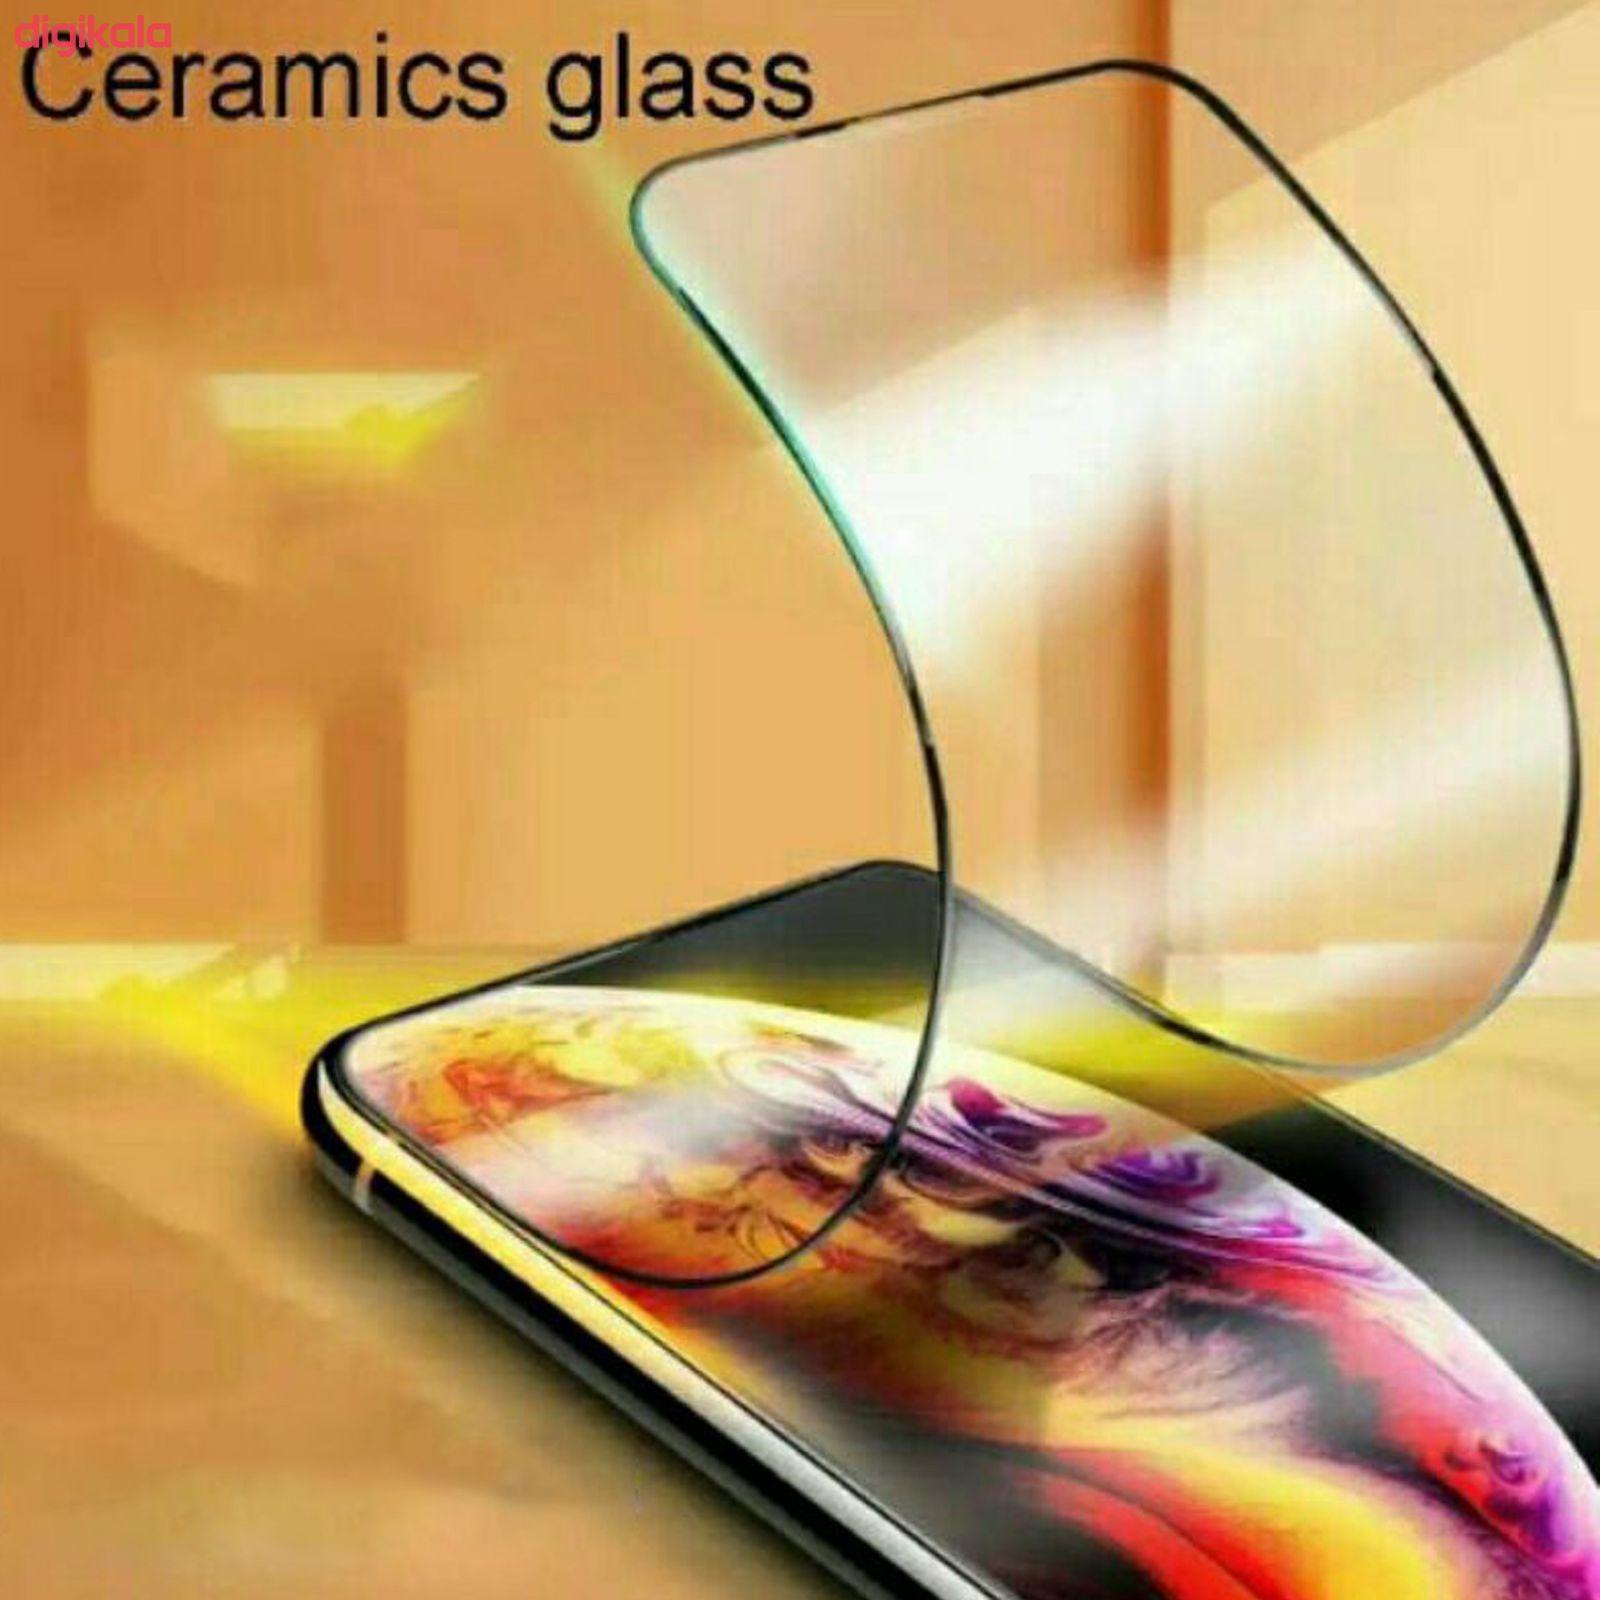 محافظ صفحه نمایش سرامیکی گوف مدل CER-CL مناسب برای گوشی موبایل سامسونگ Galaxy A31 main 1 2